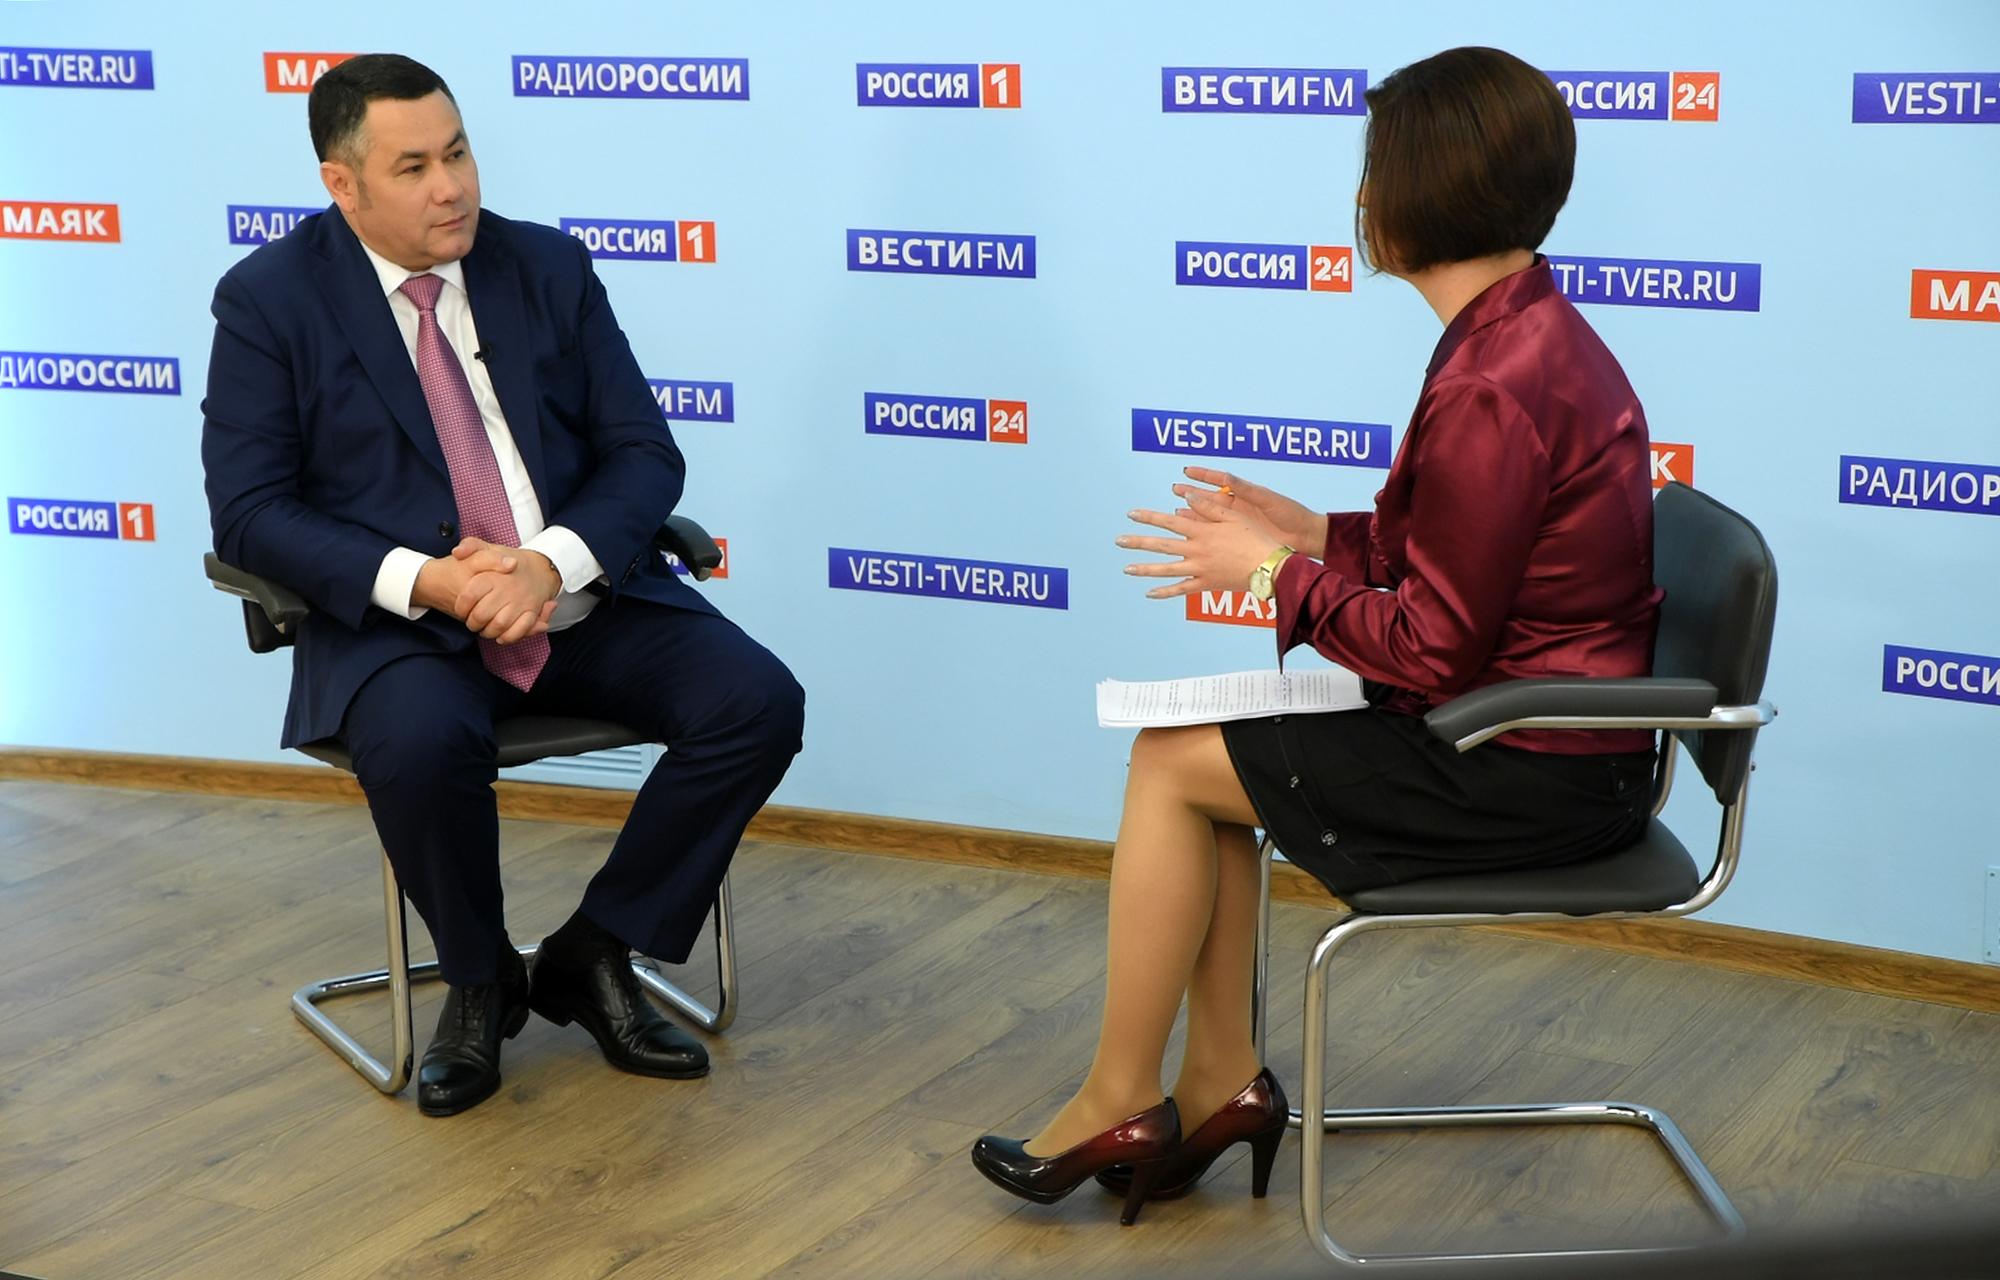 Игорь Руденя в прямом эфире «России 24» Тверь ответил на актуальные для жителей Верхневолжья вопросы